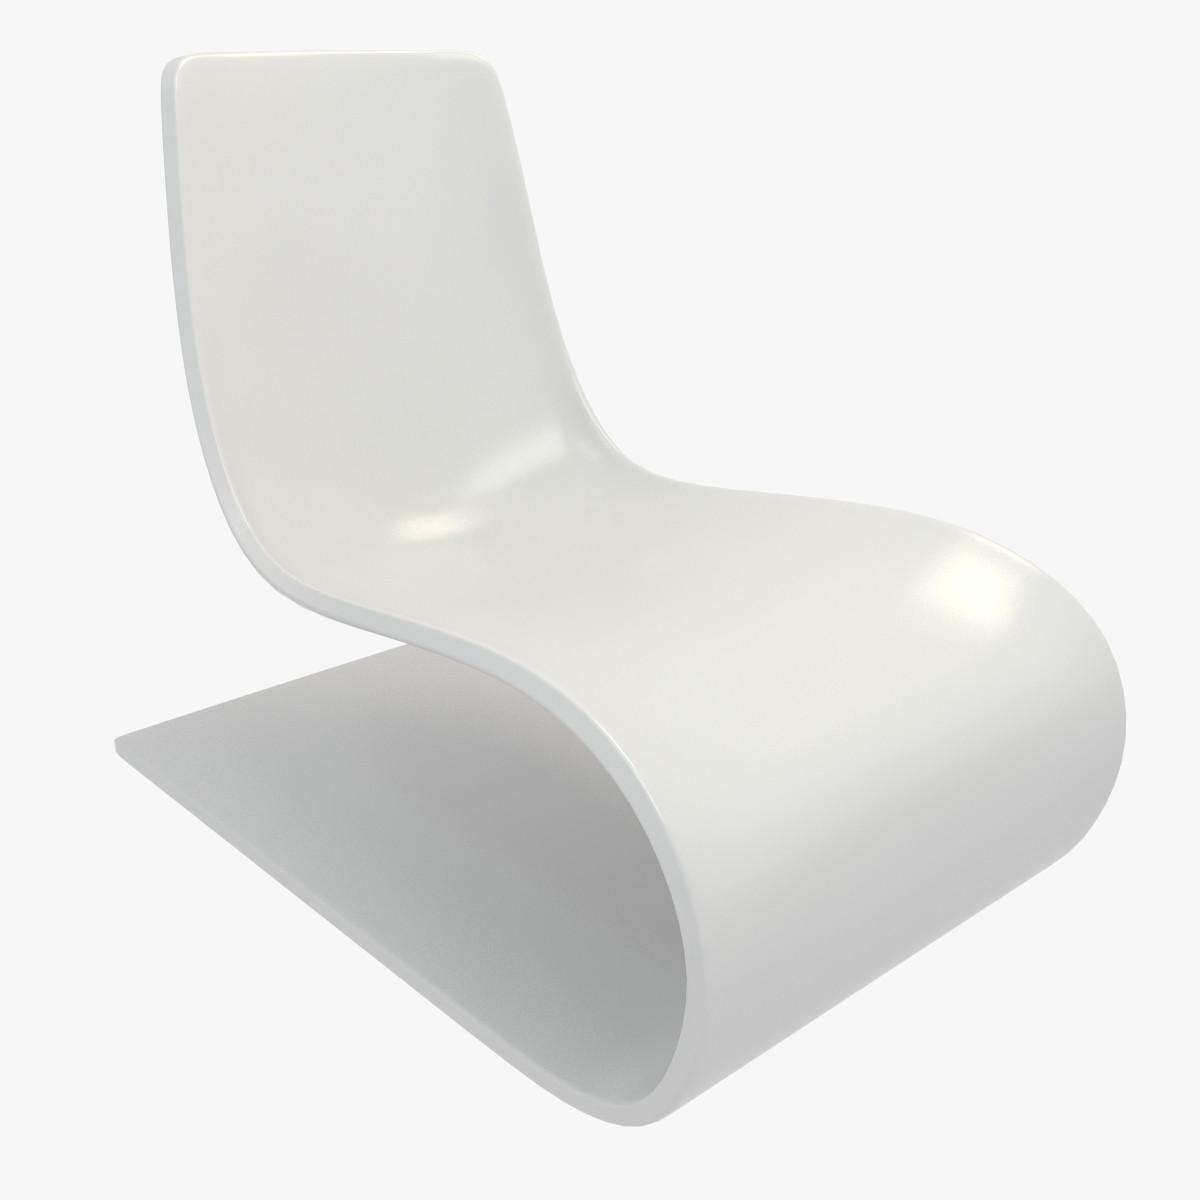 pvc lounge chair wheelchair umbrella 3dsmax plastic